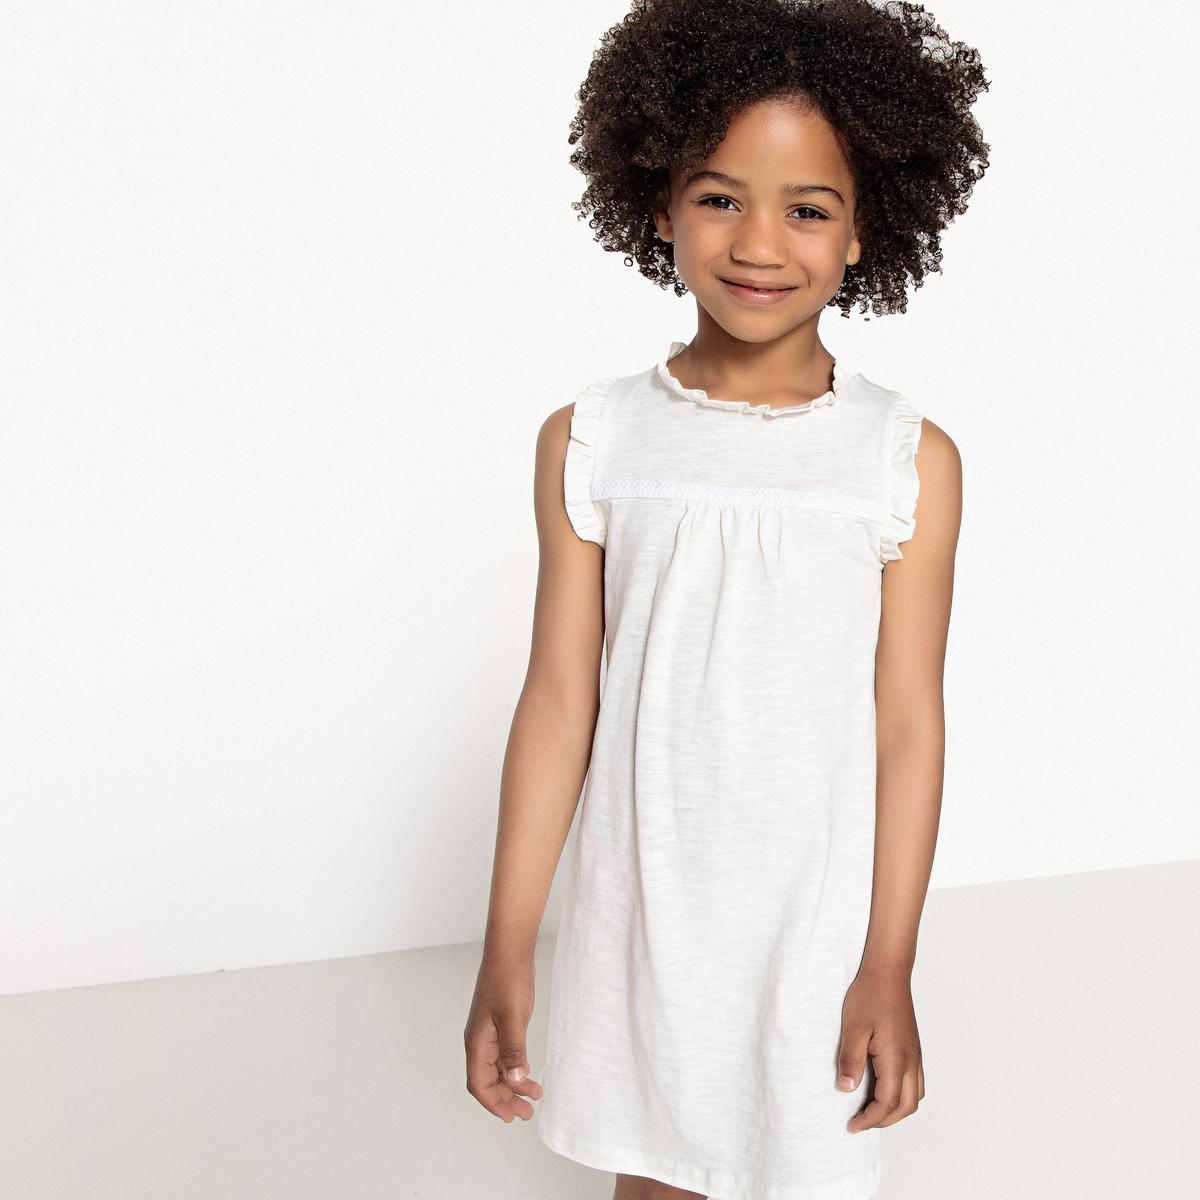 Платье La Redoute Без рукавов с вышивкой 5 лет - 108 см бежевый комбинезон la redoute с вышивкой без рукавов m черный